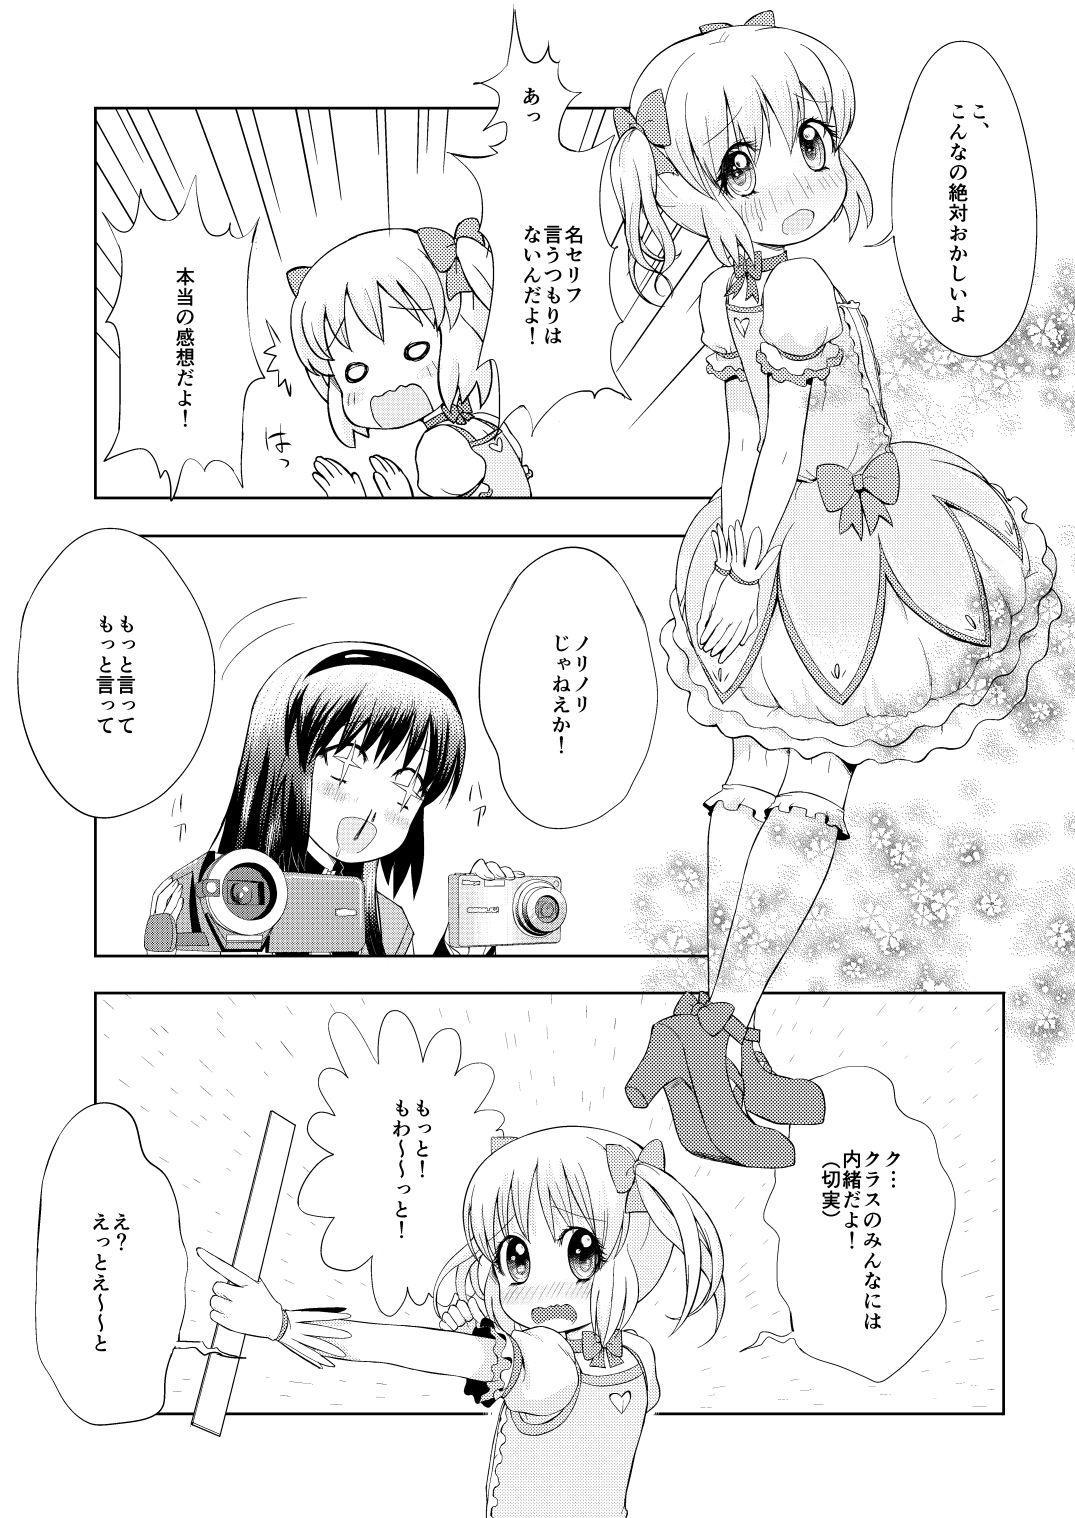 Otokonoko Cosplay Manga Desu yo 5